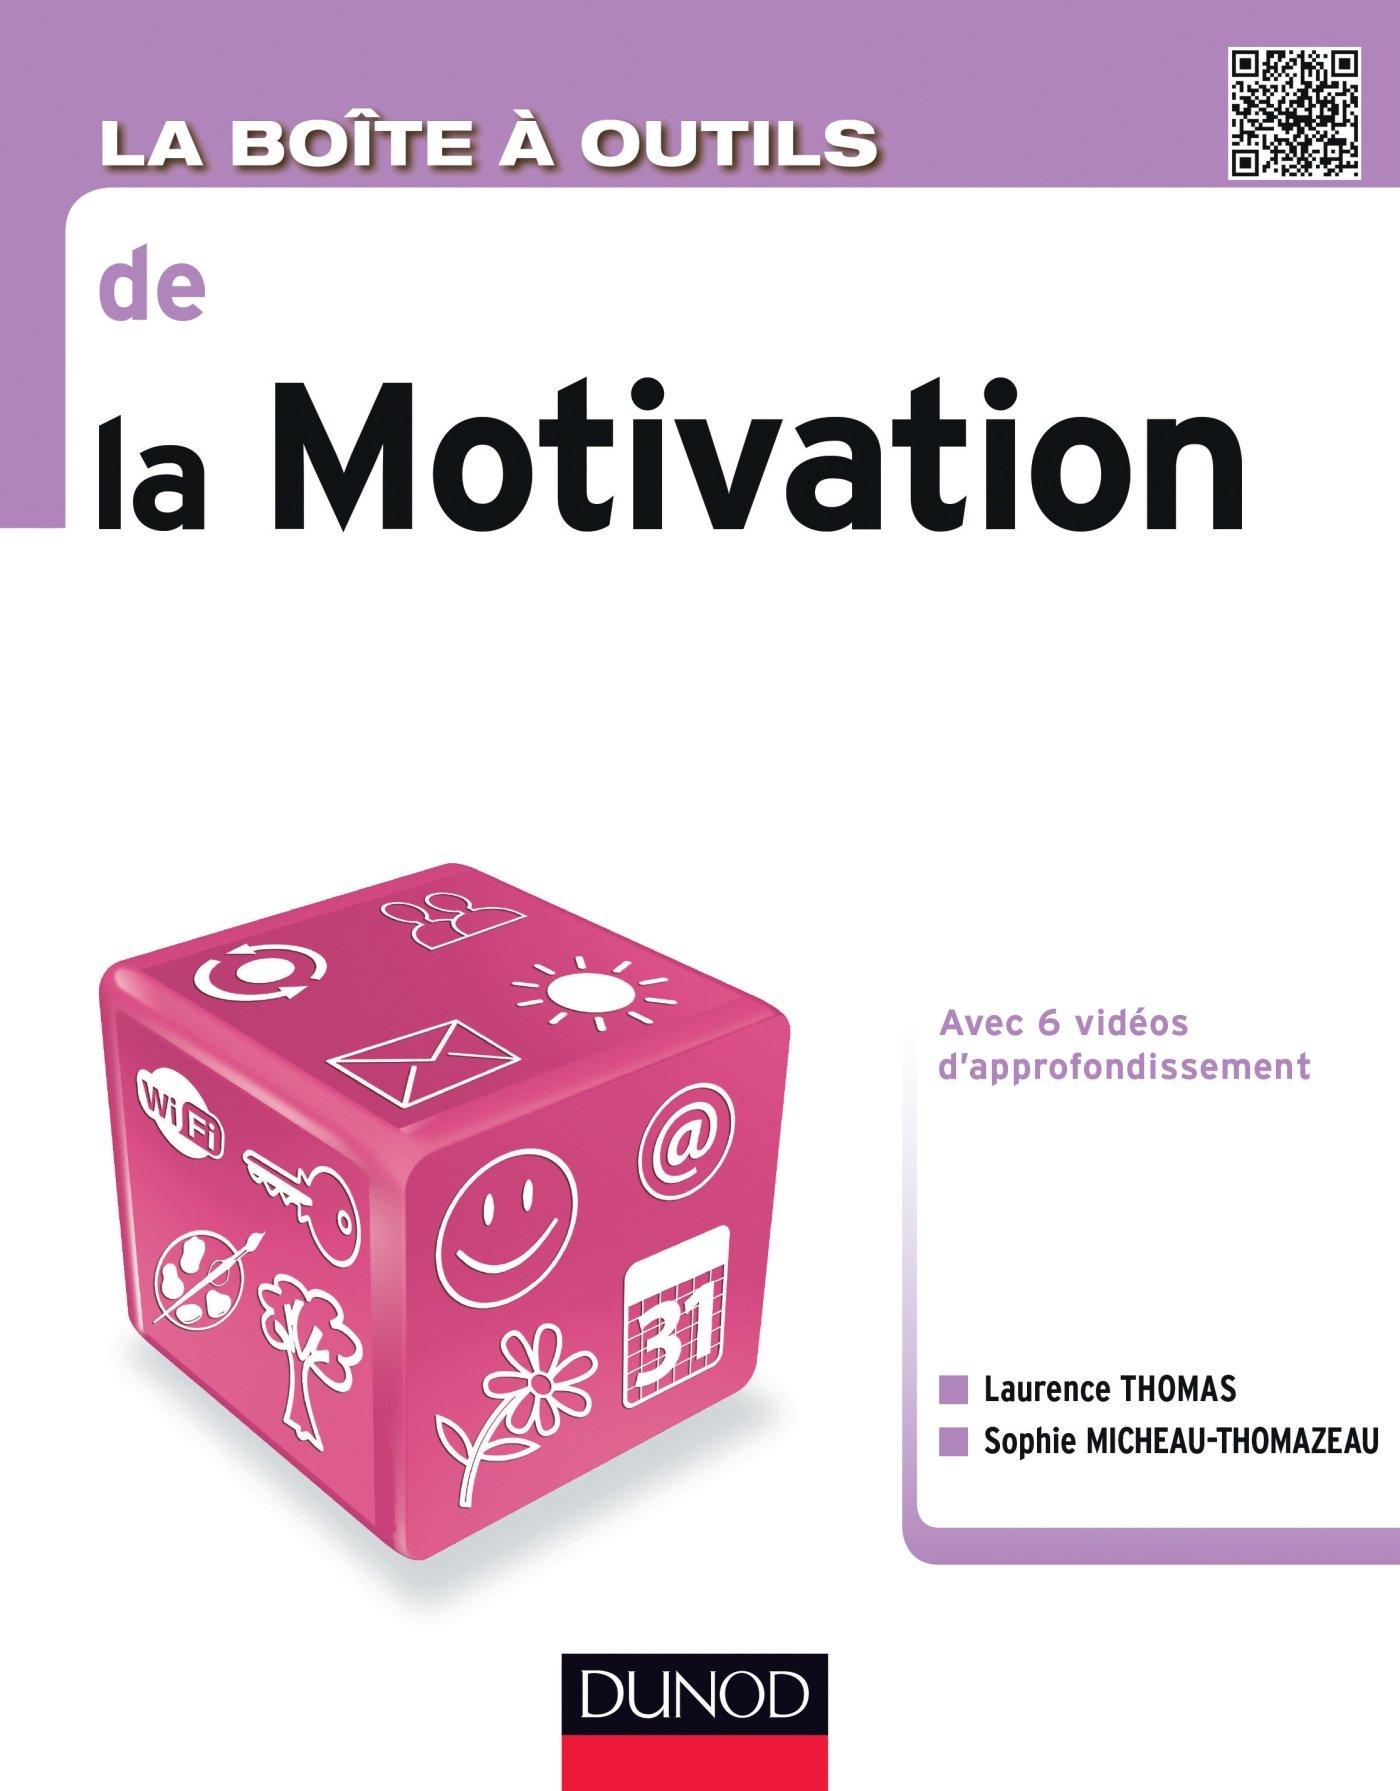 La boite à outils de la motivation